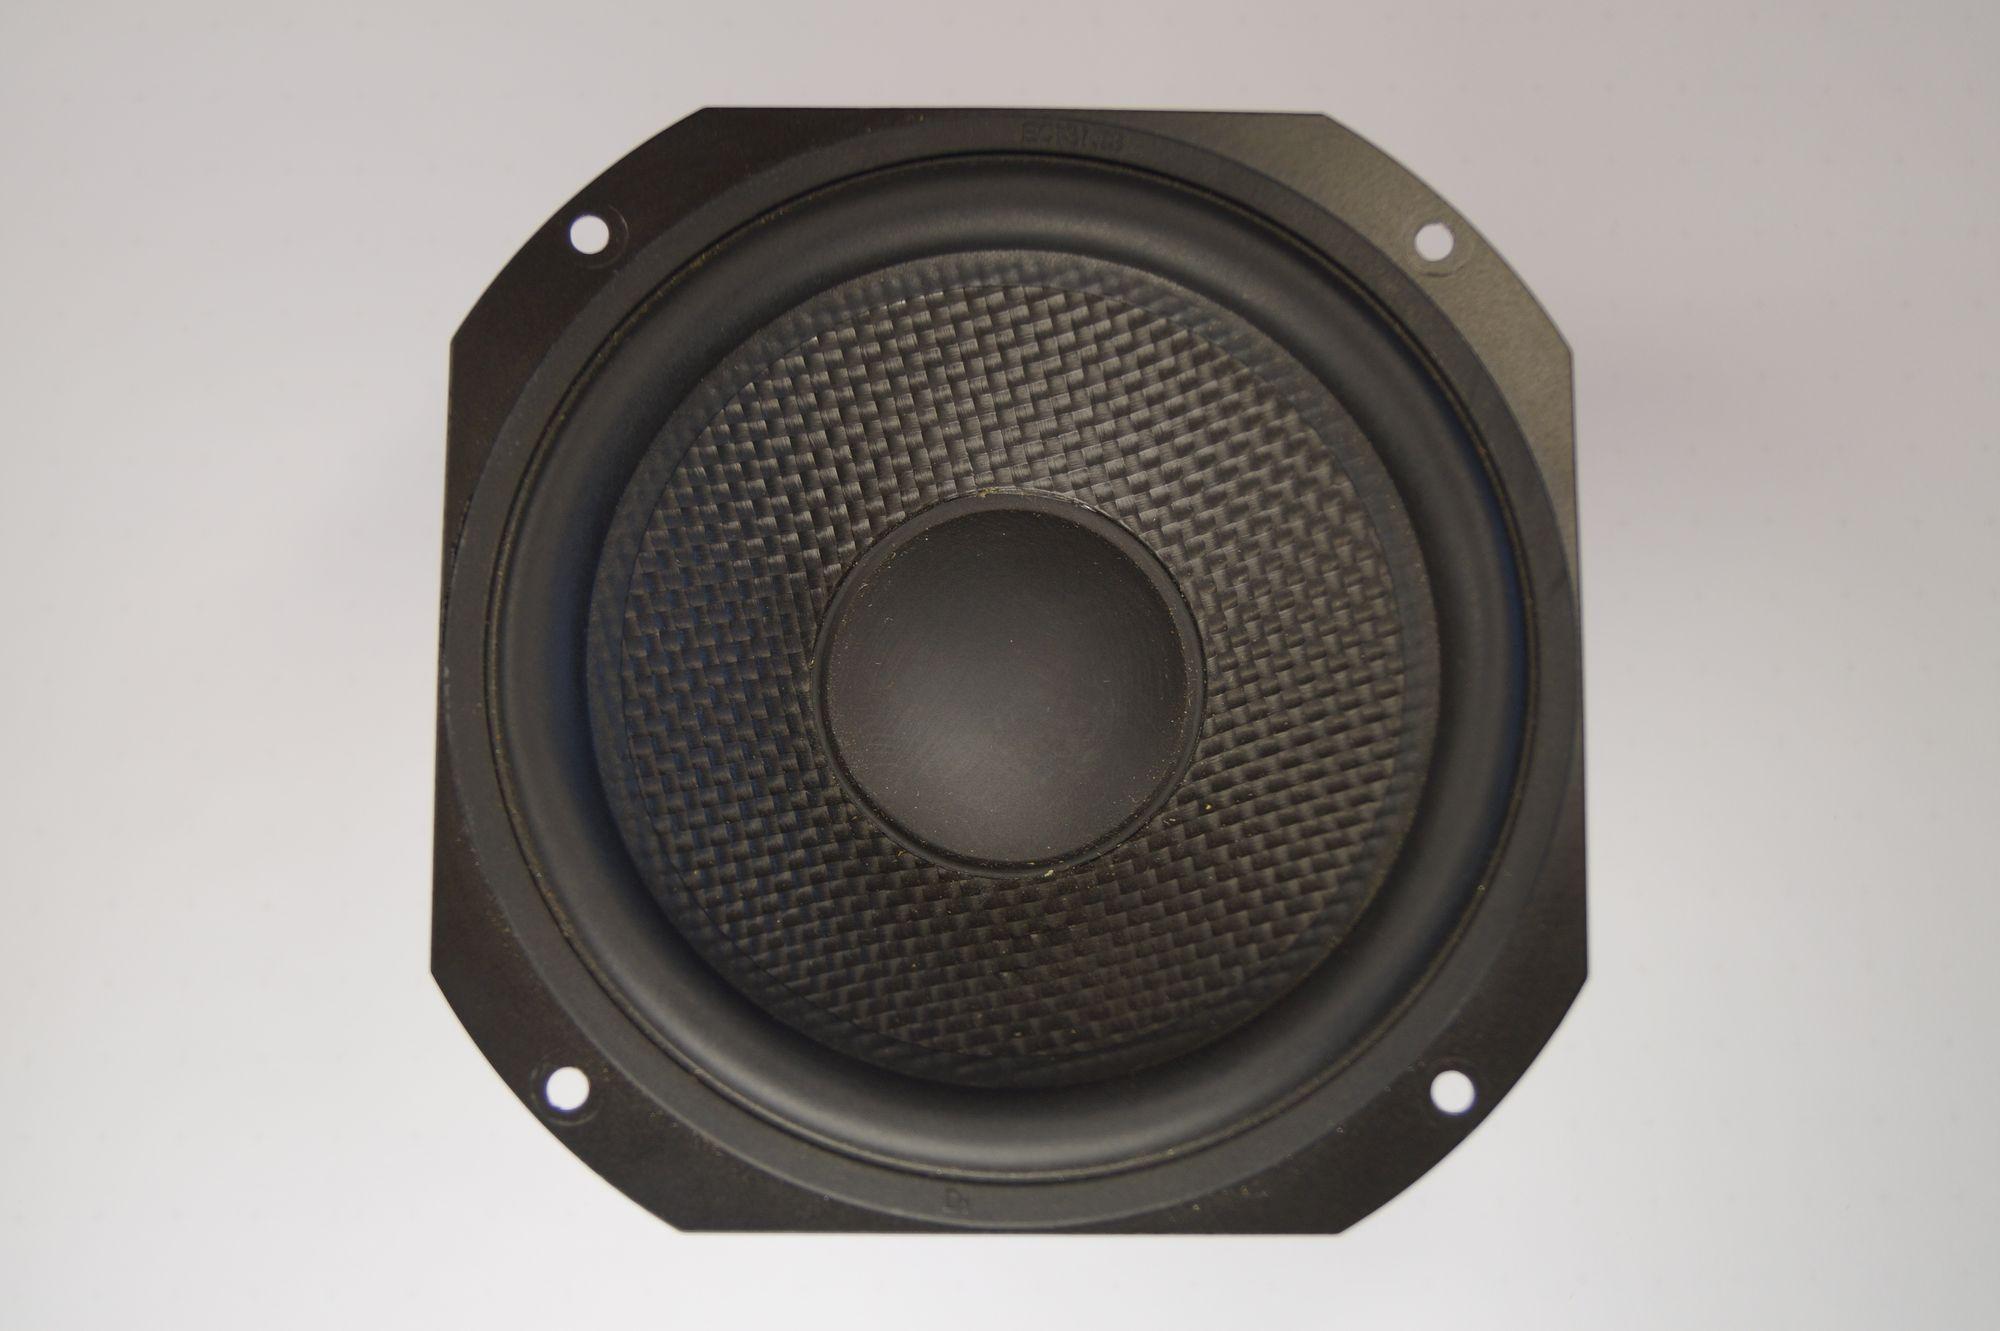 1 Stück Heco Vitas Tieftöner HW 130 S-PP 480 D 001